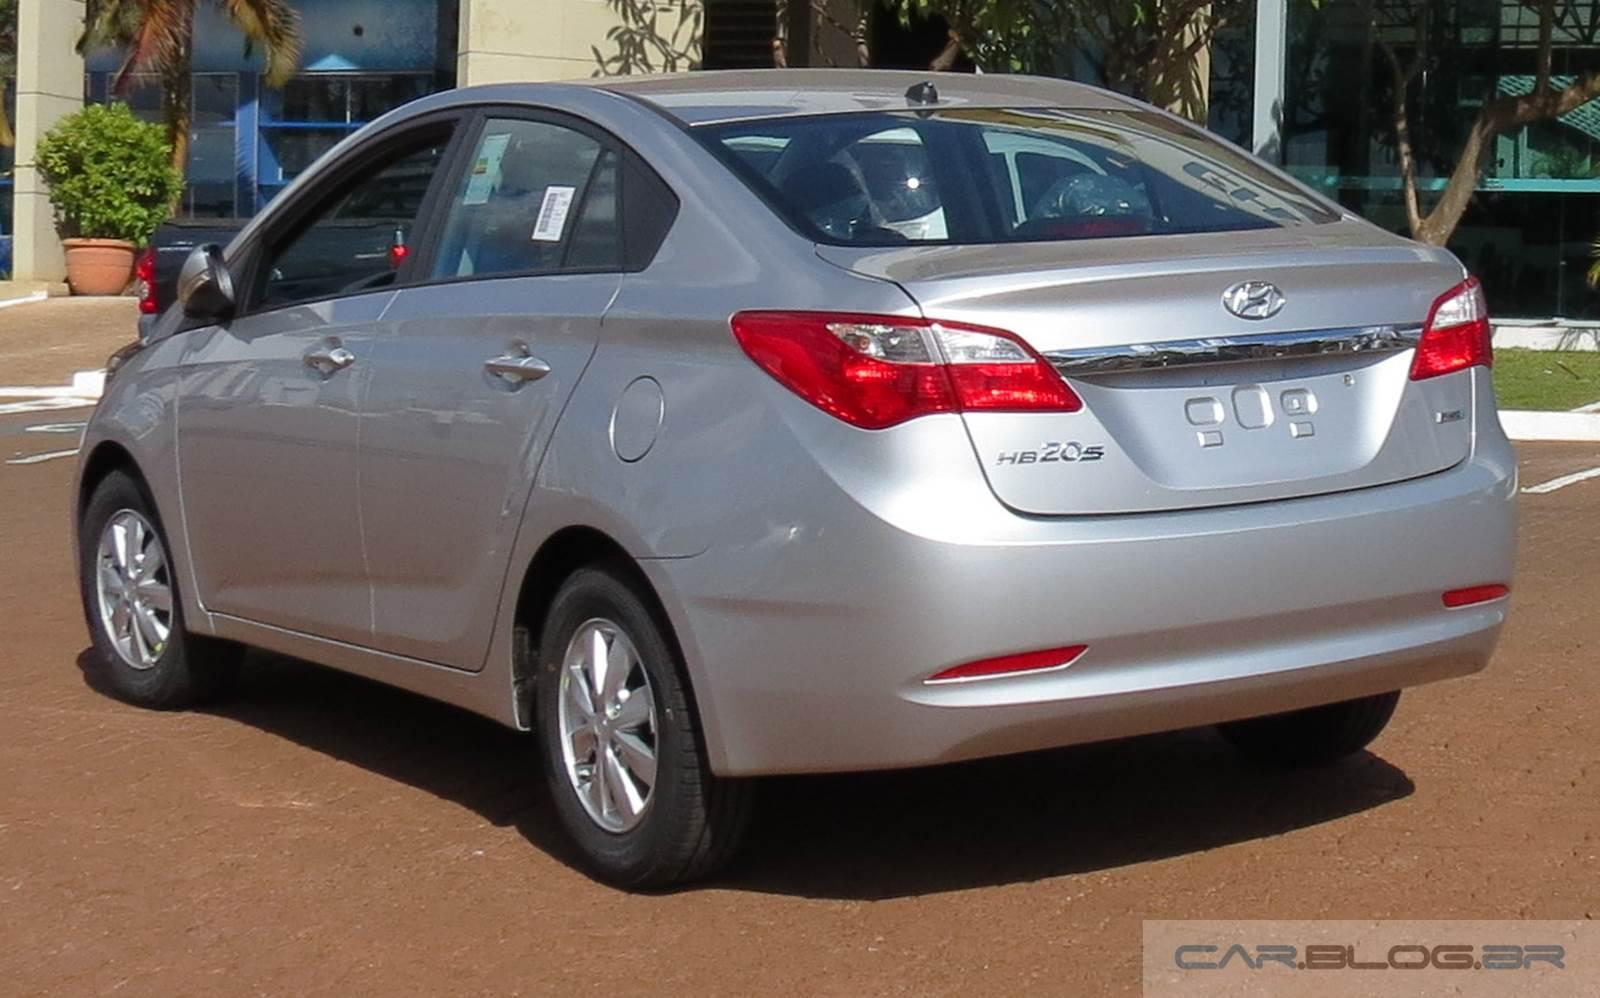 Hyundai HB20S (Sedã) - aluguel